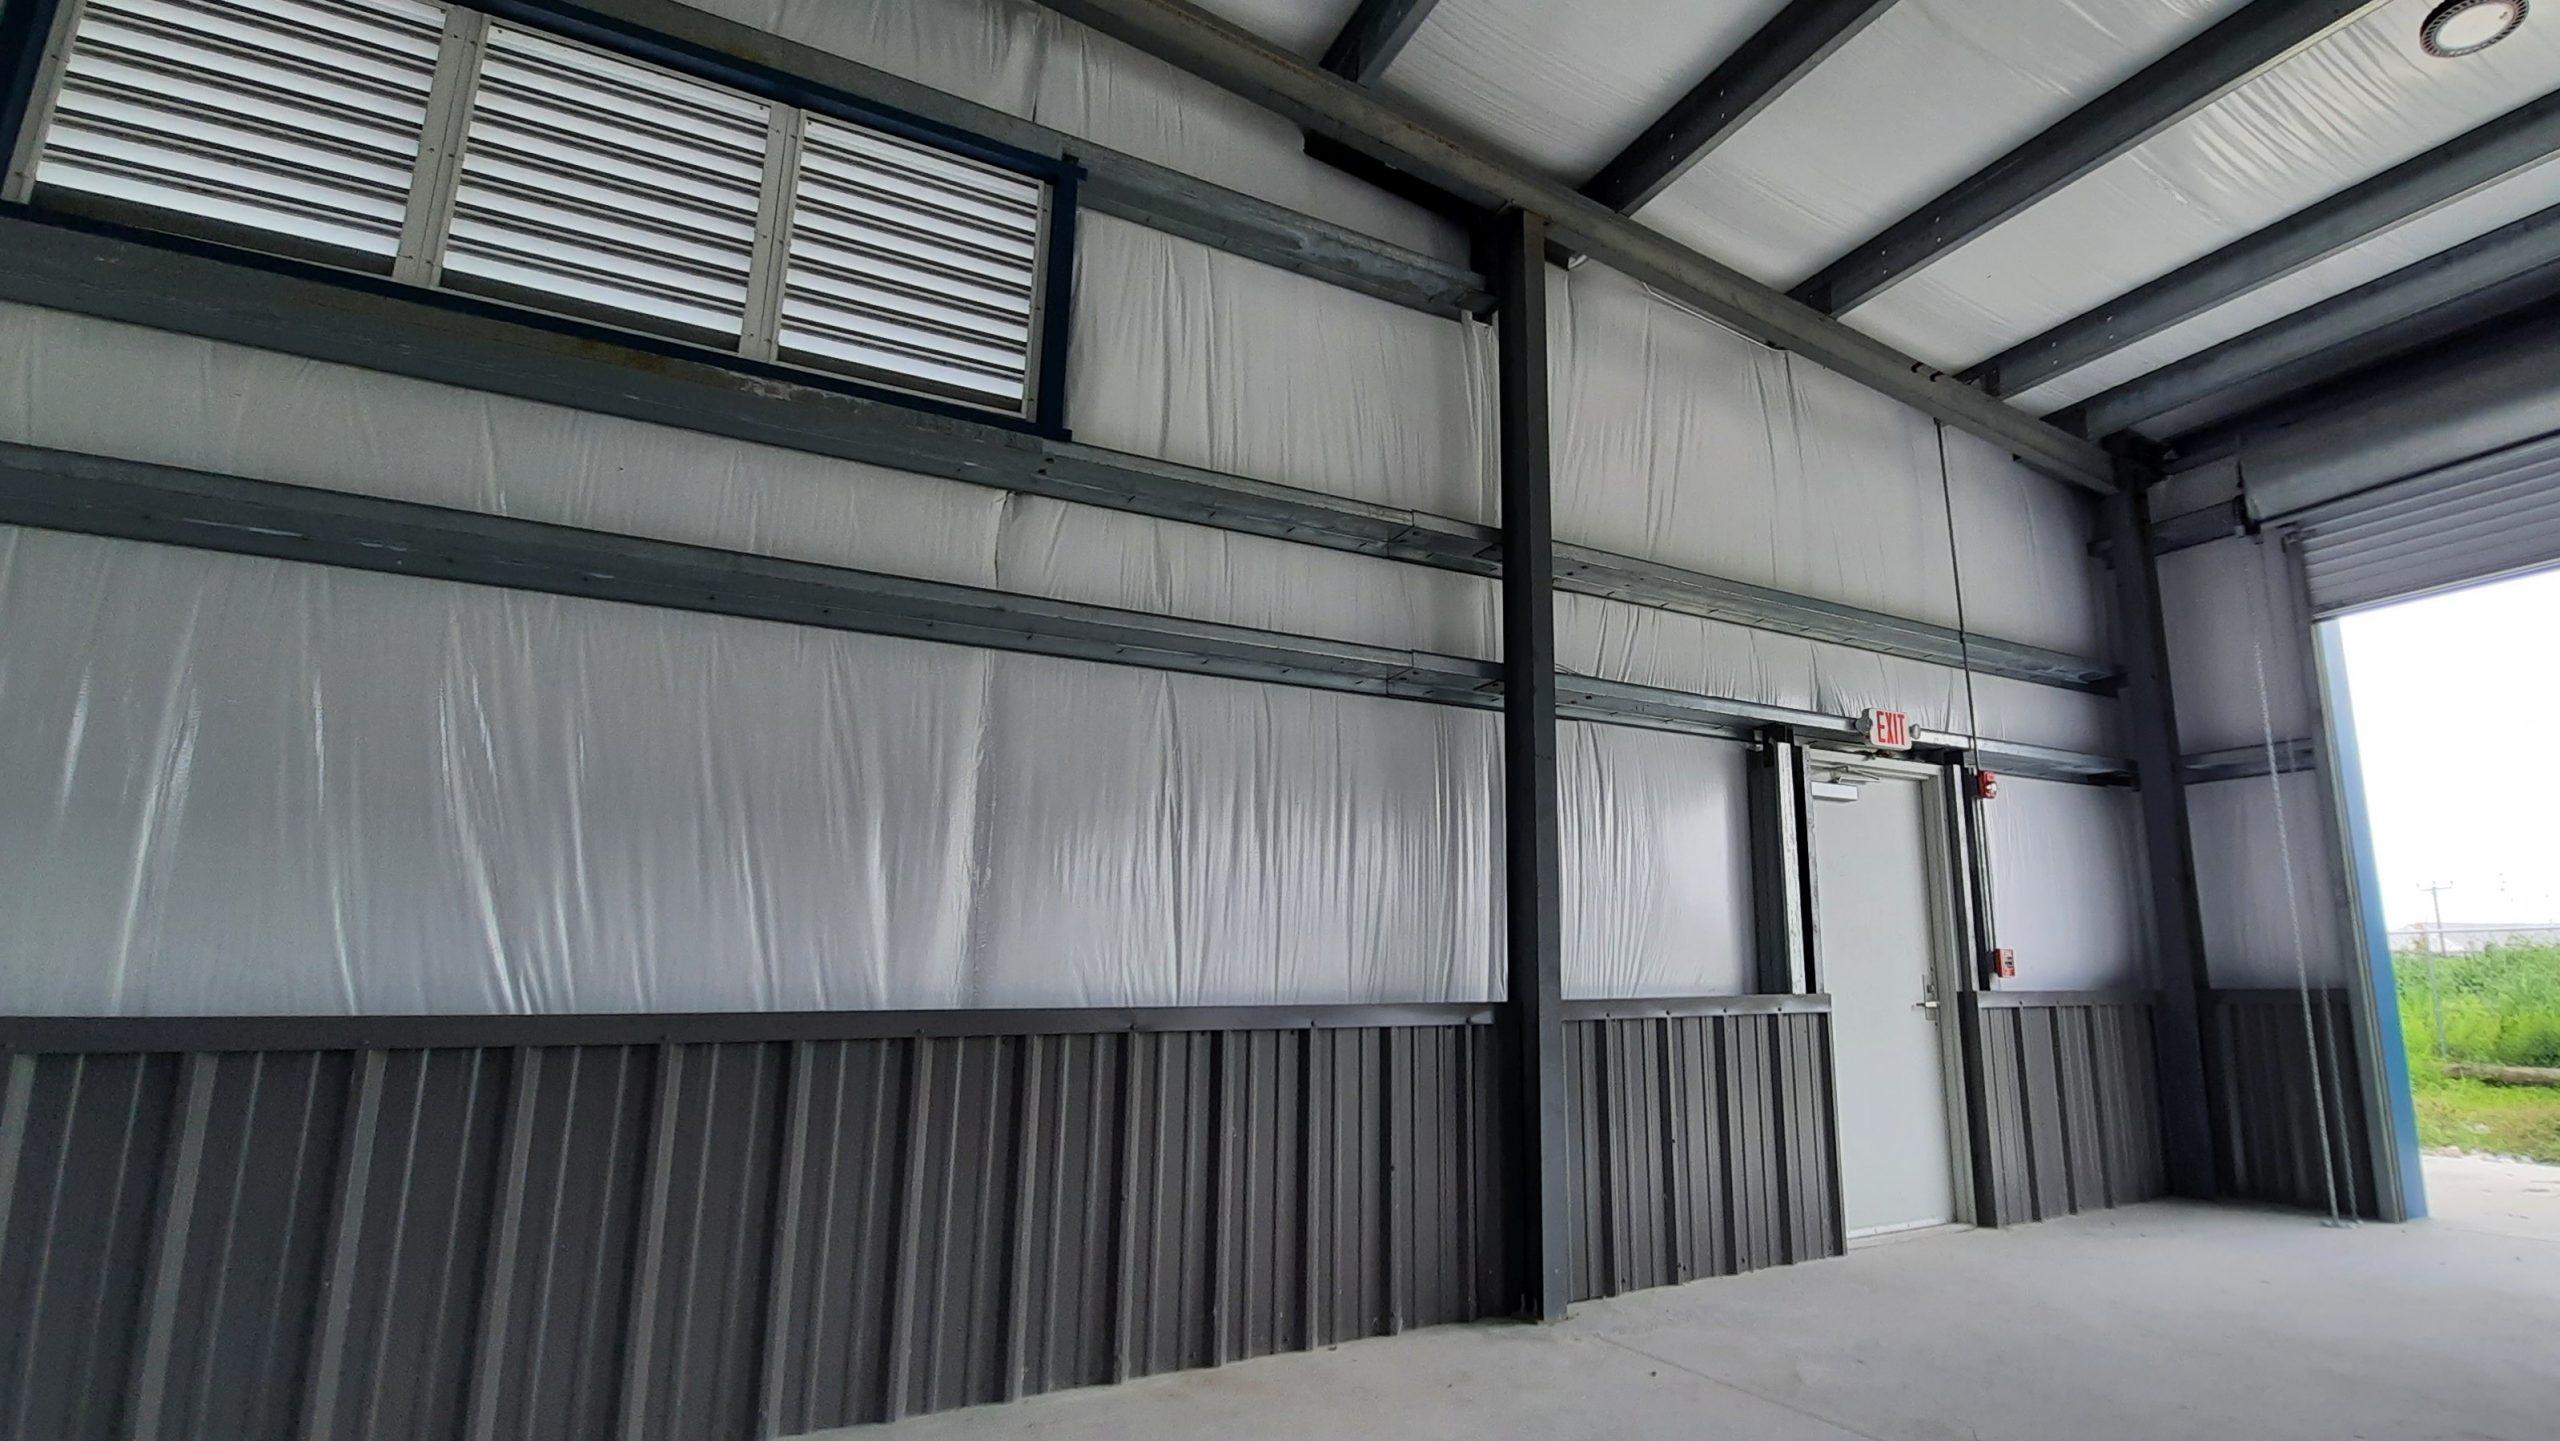 PEMB overhang canopy